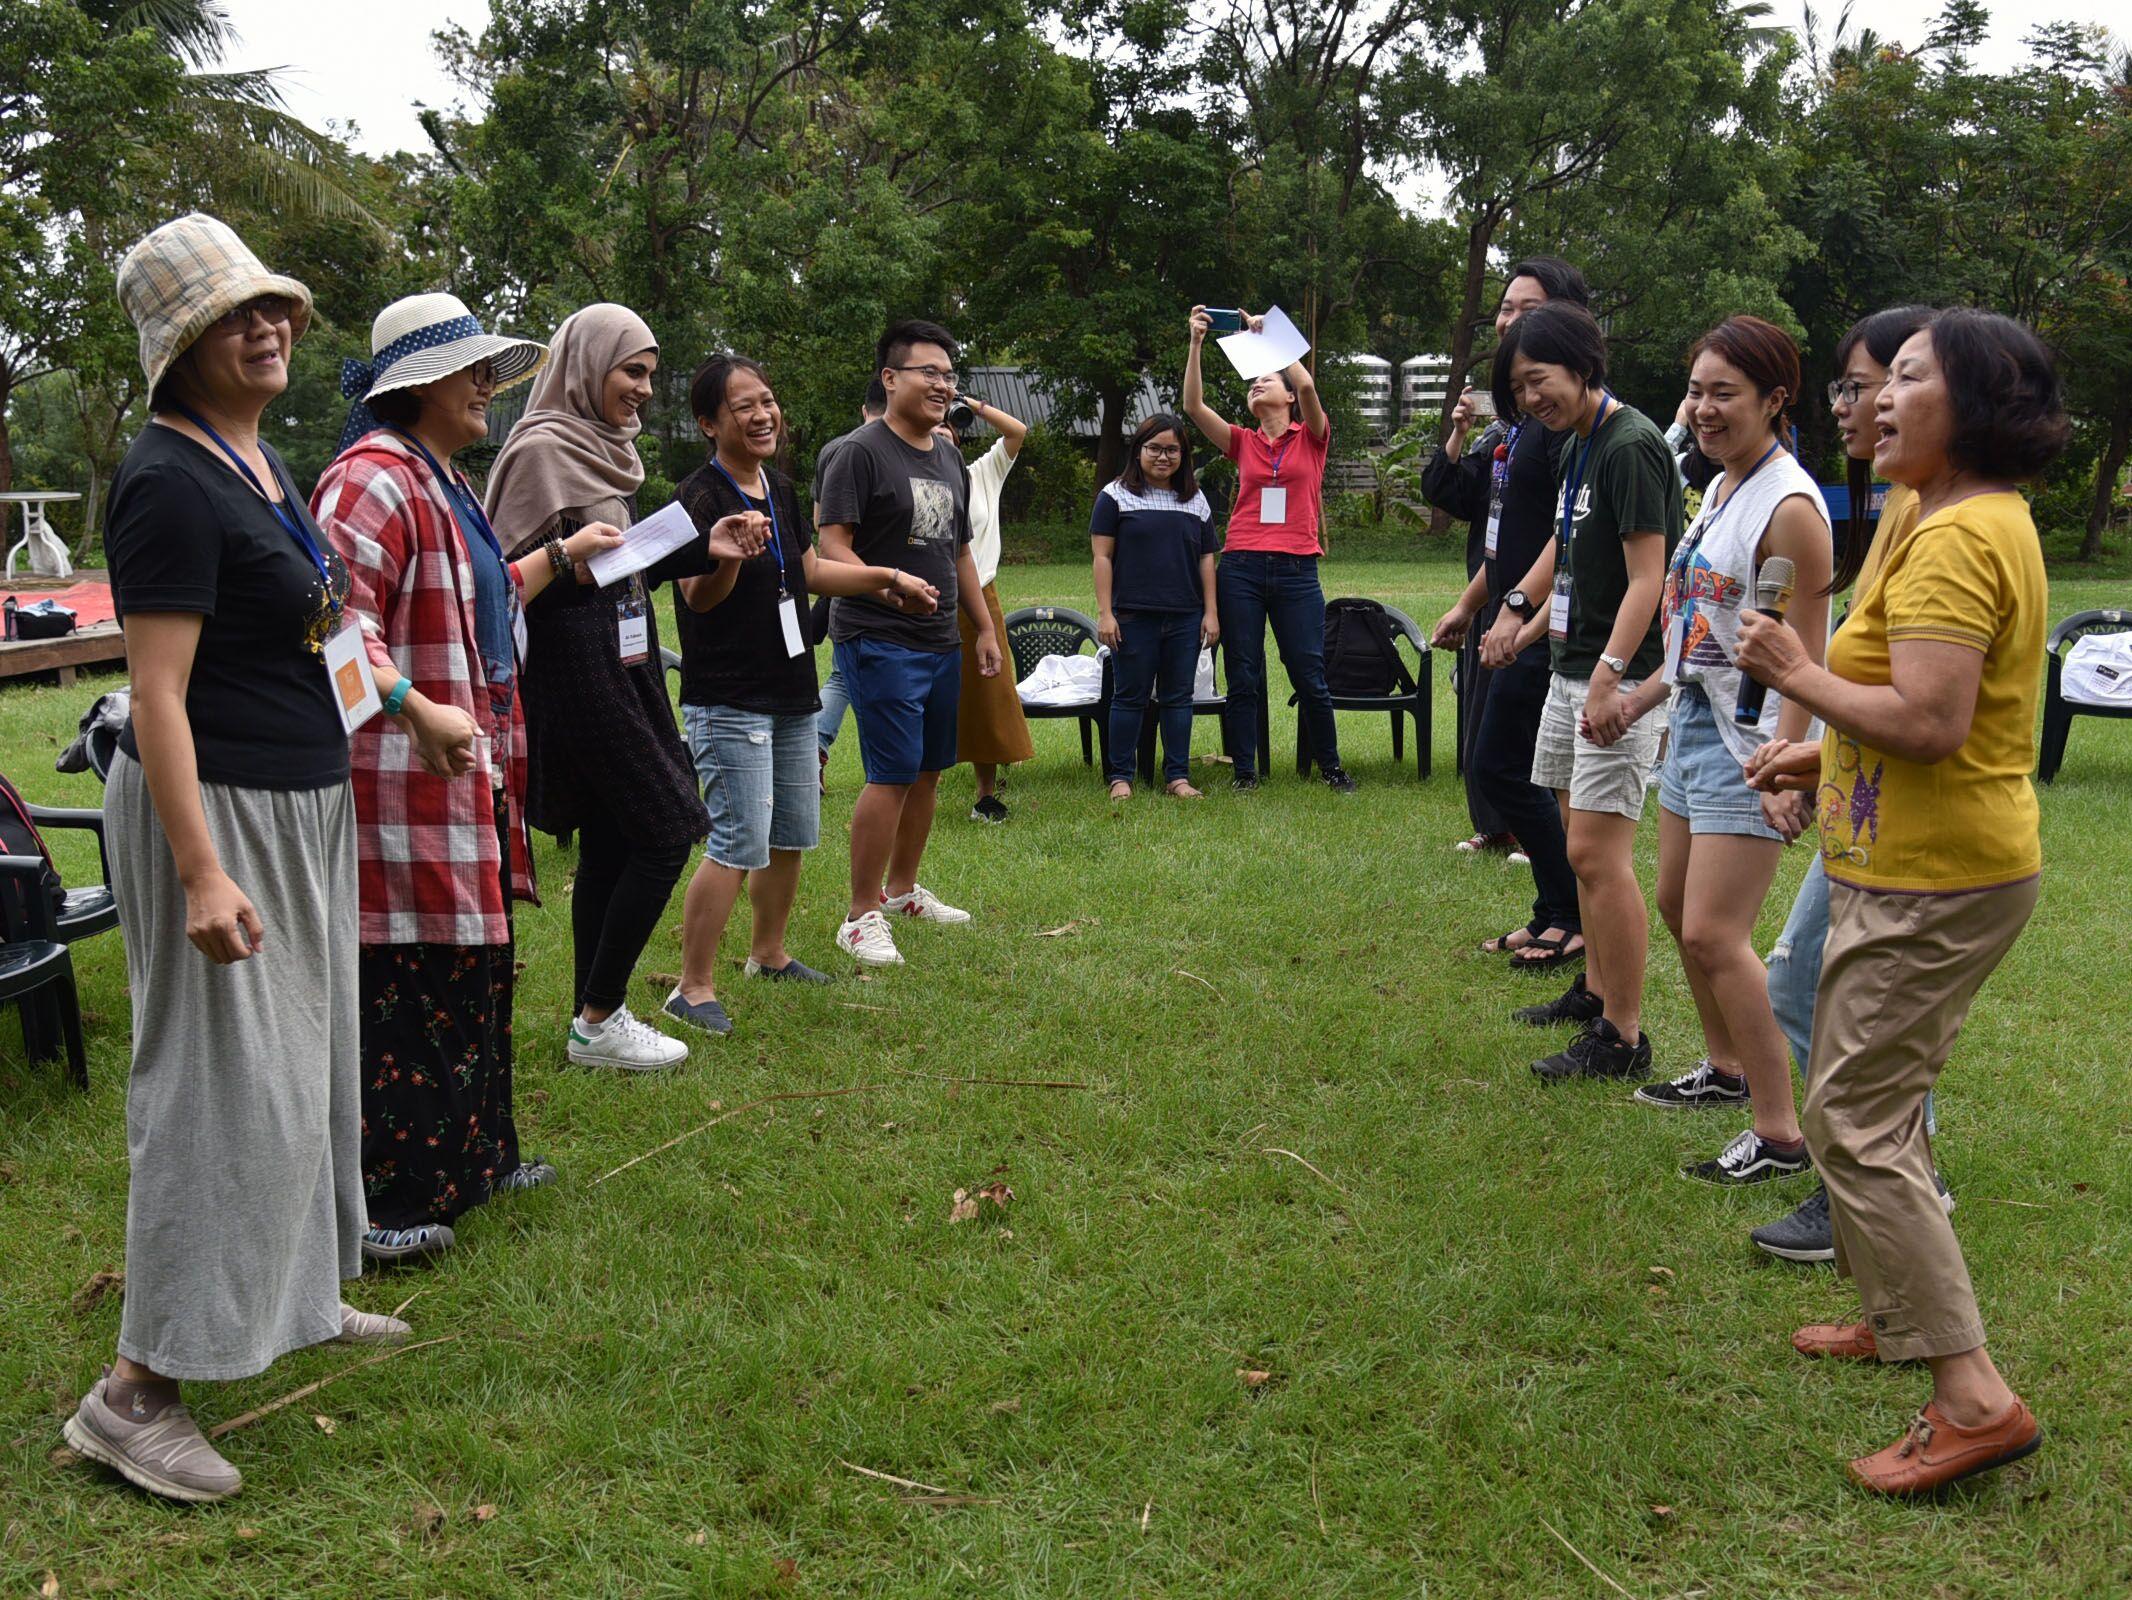 跨國交流,一扇開啟便關不了的門 ----「臺印尼東南亞族群文化與社會科研中心維運計畫」學生交流實錄(下)的標題圖片